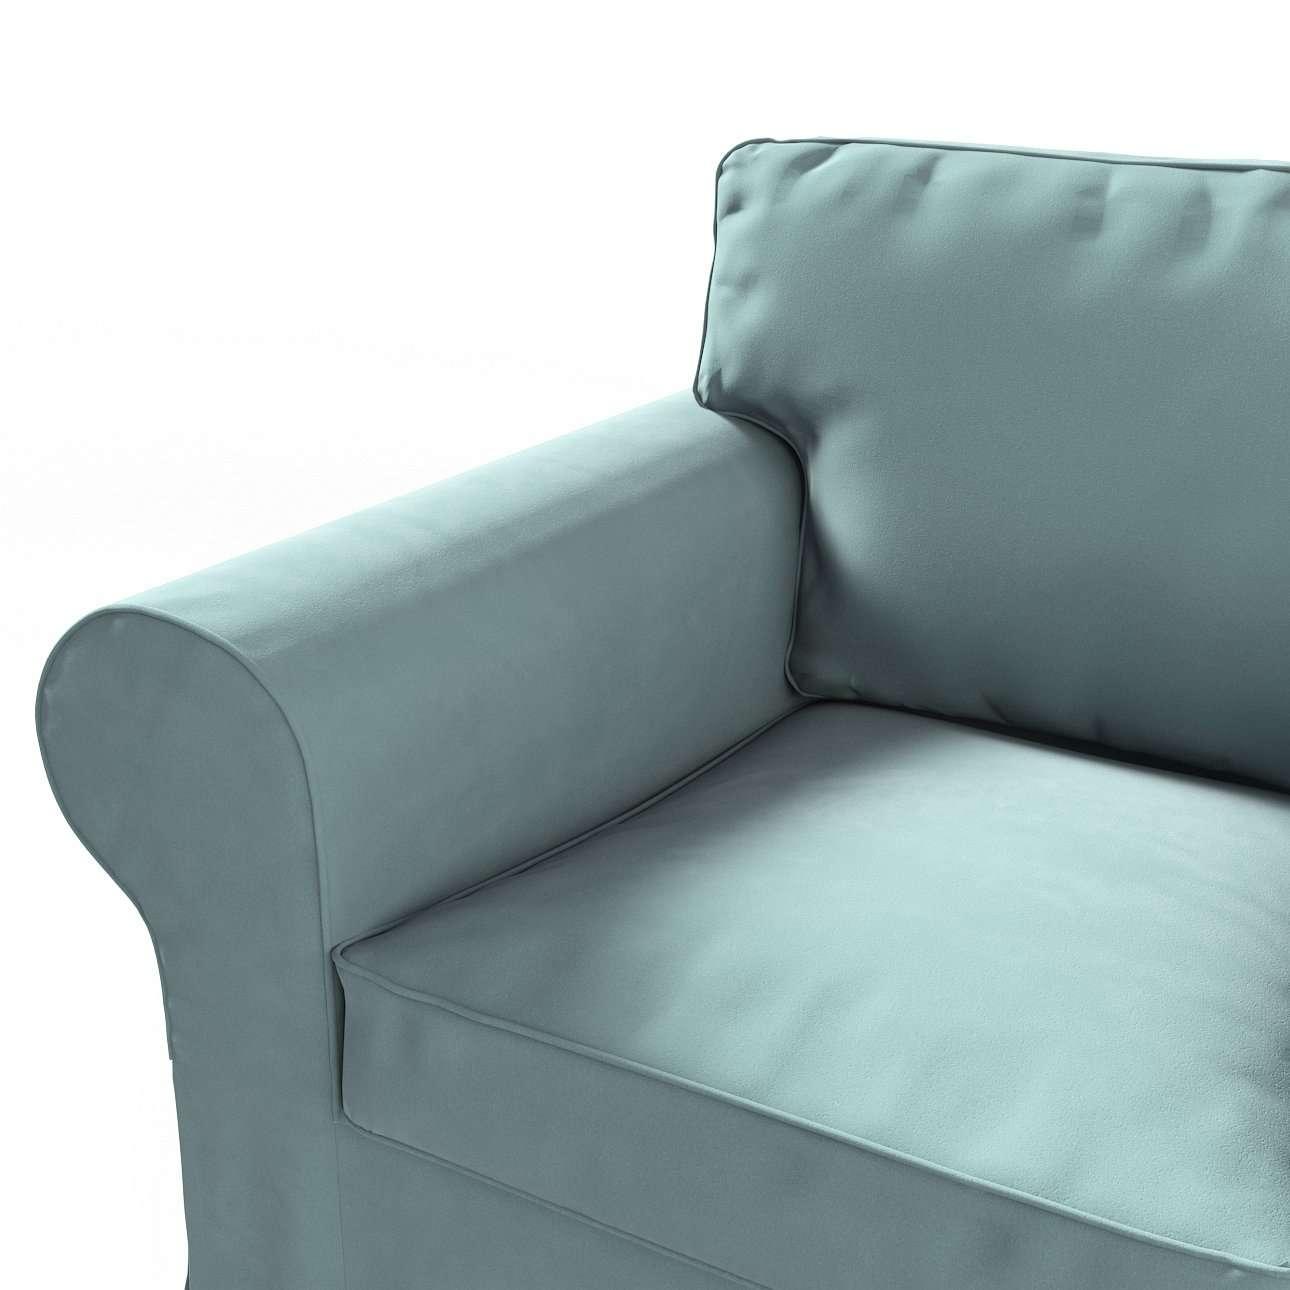 Pokrowiec na fotel Ektorp w kolekcji Velvet, tkanina: 704-18